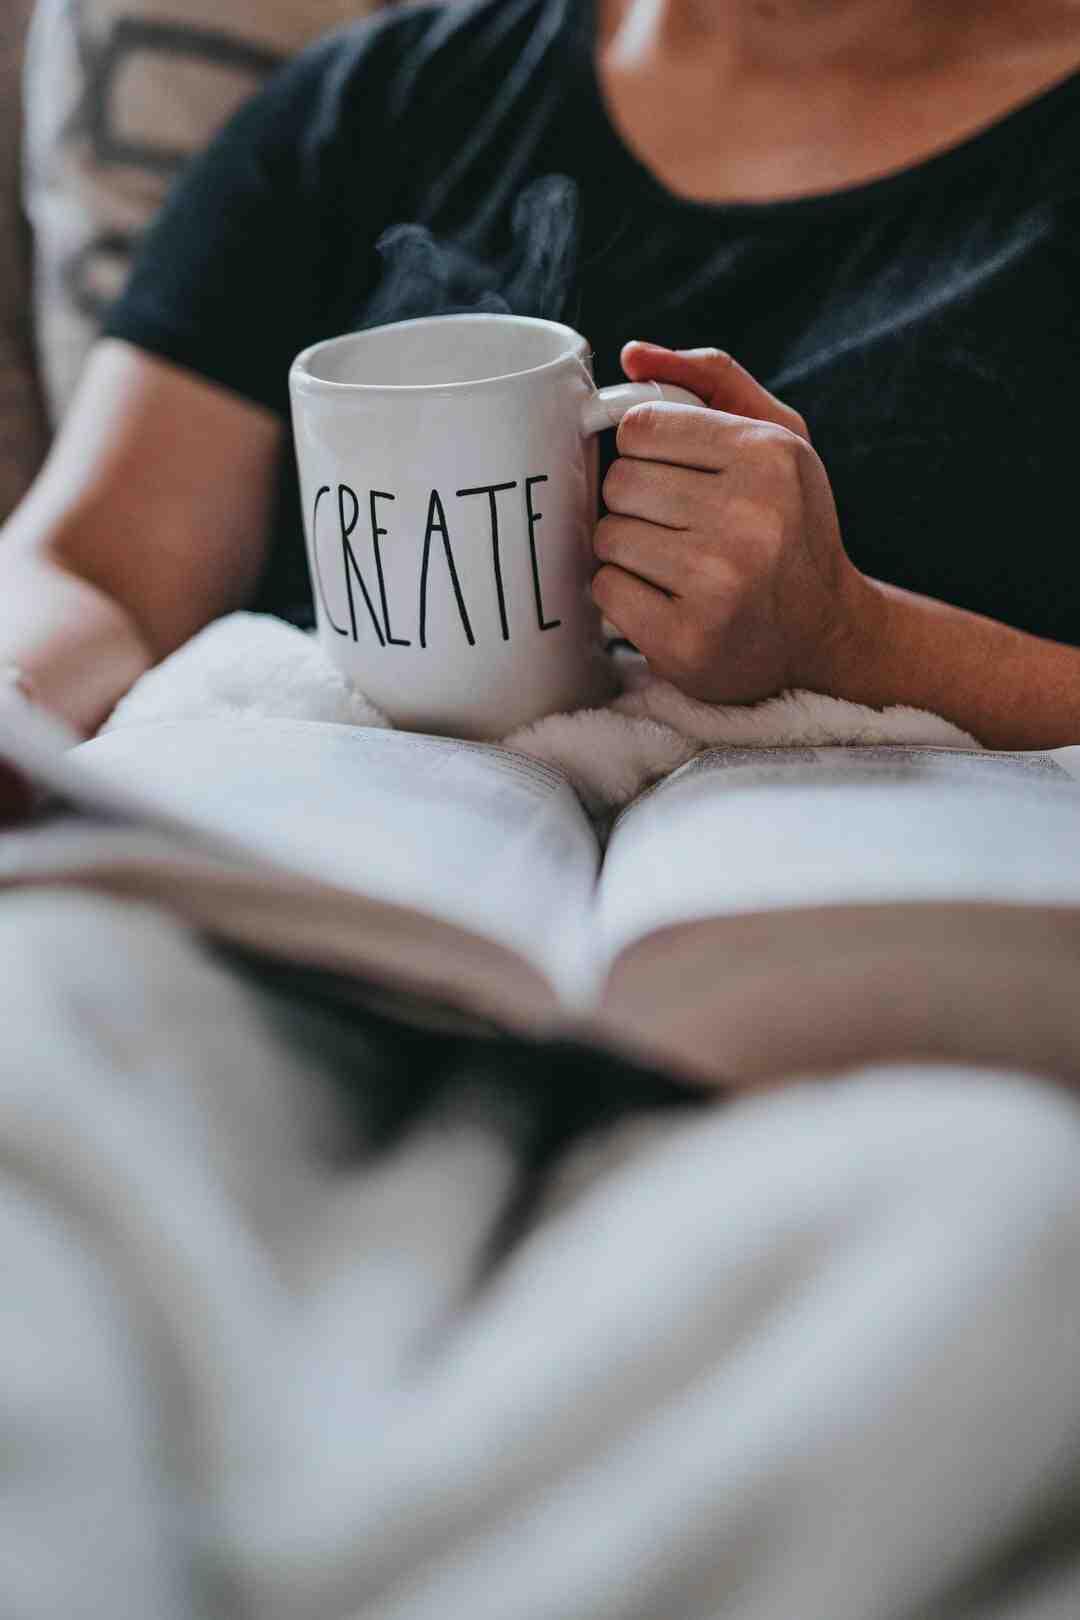 How to Display Coffee Mugs